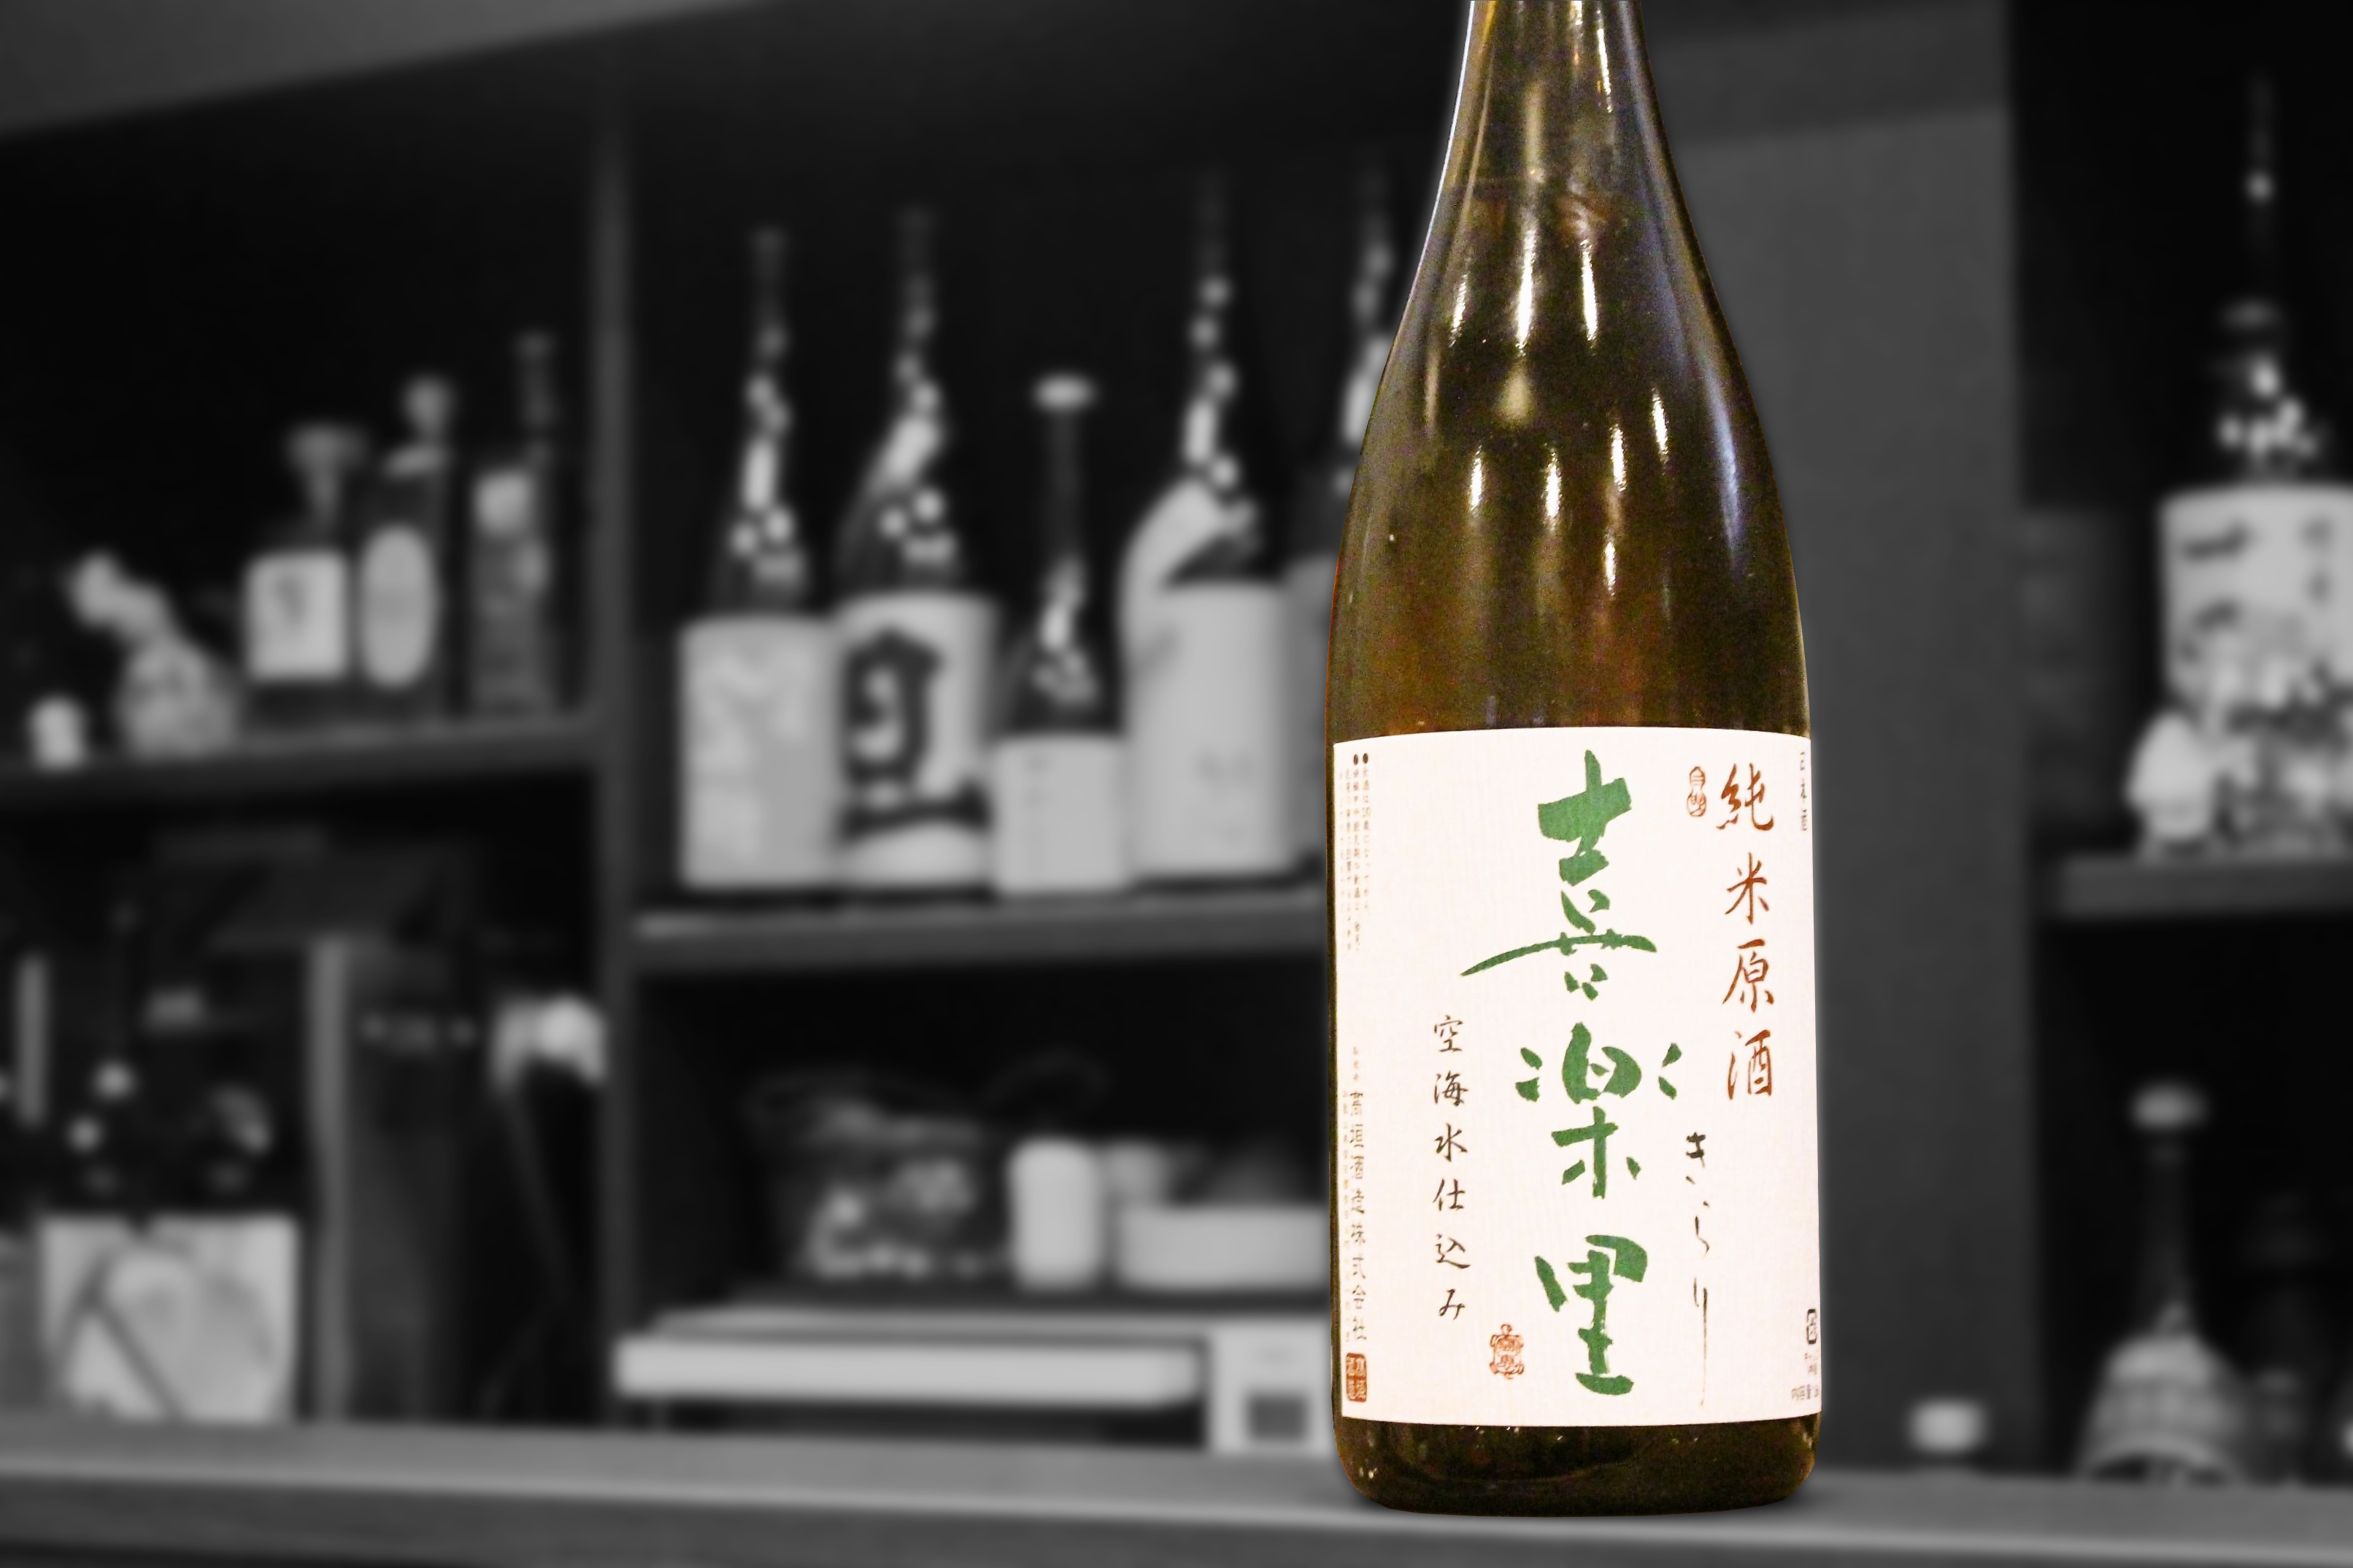 喜楽里純米原酒202012-001